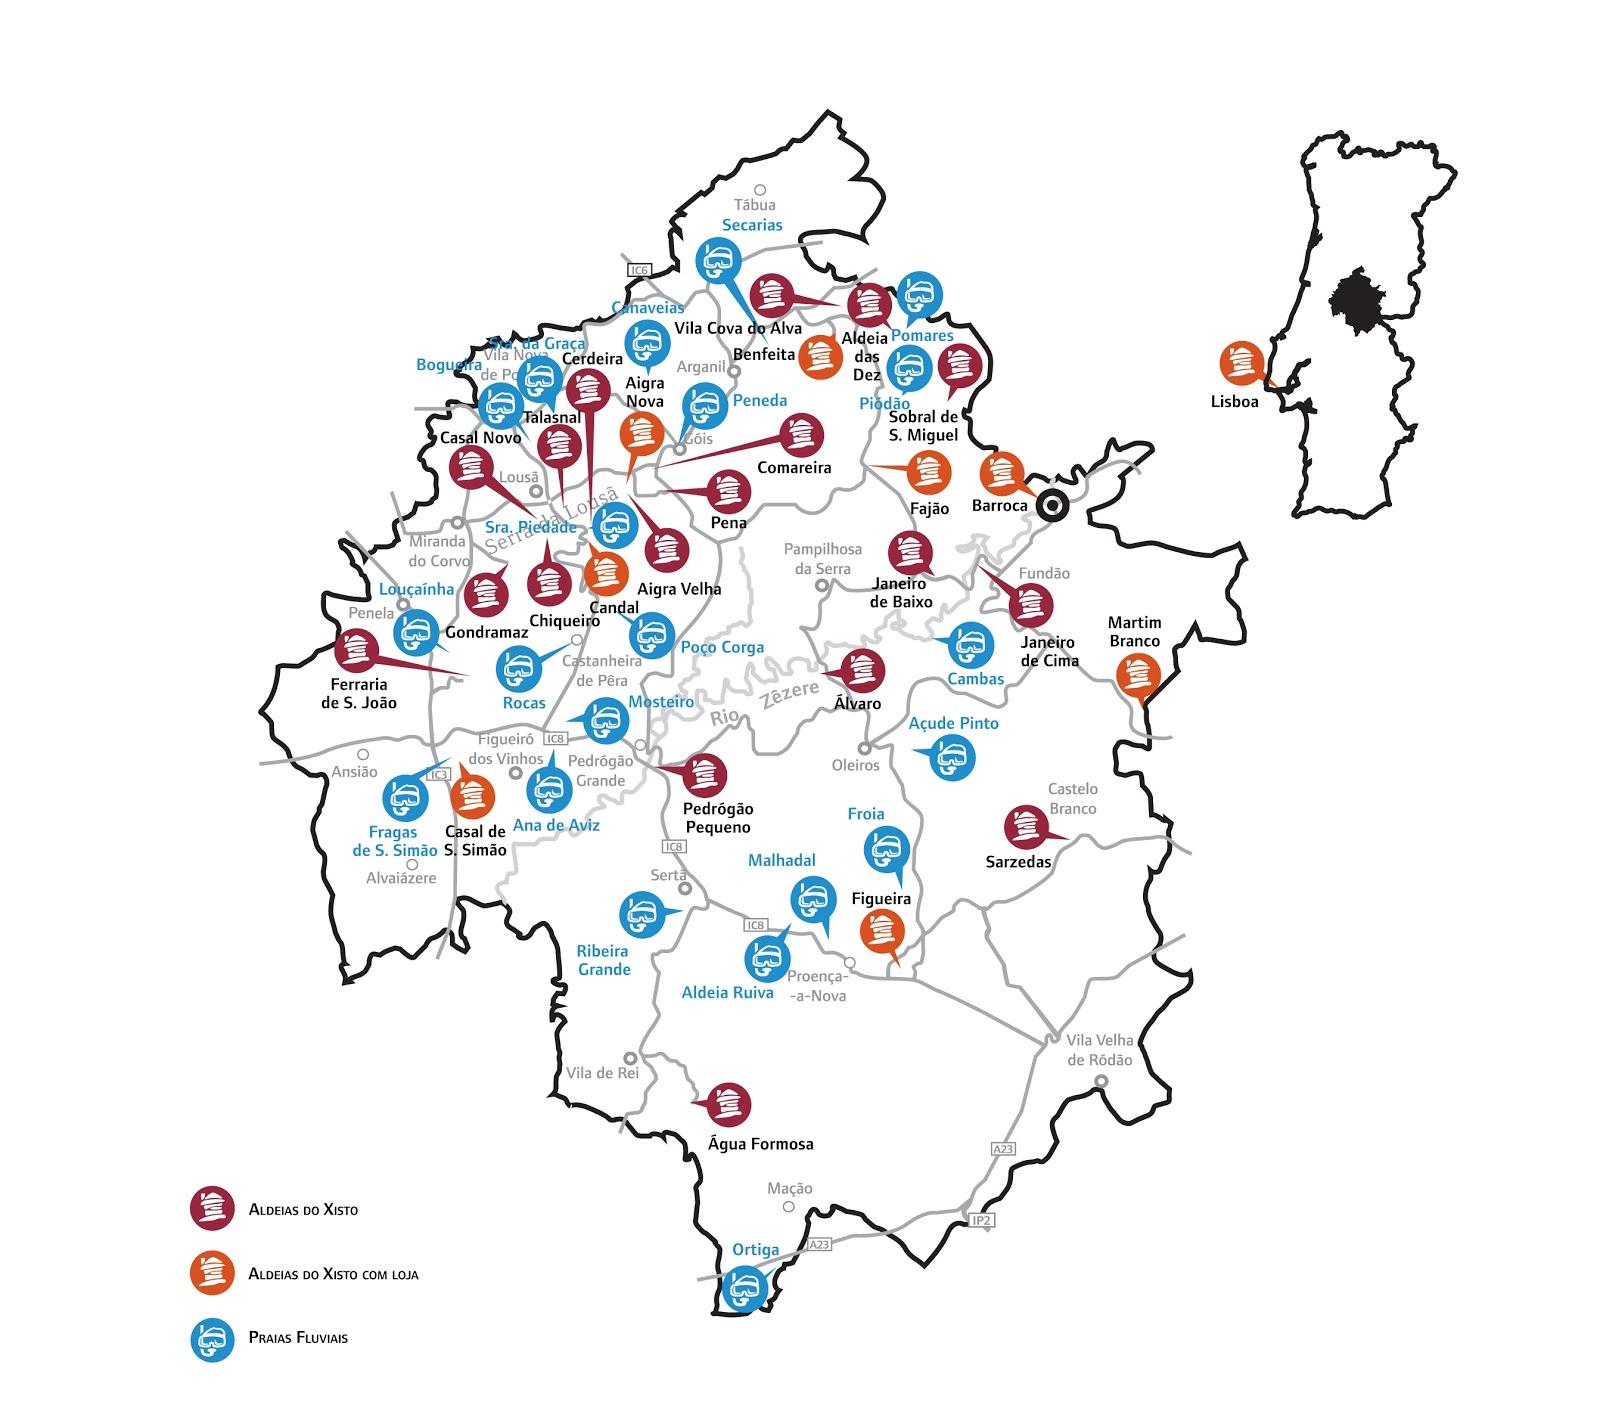 aldeias de xisto mapa tripadvice: Rectificação mapa Aldeias do Xisto aldeias de xisto mapa